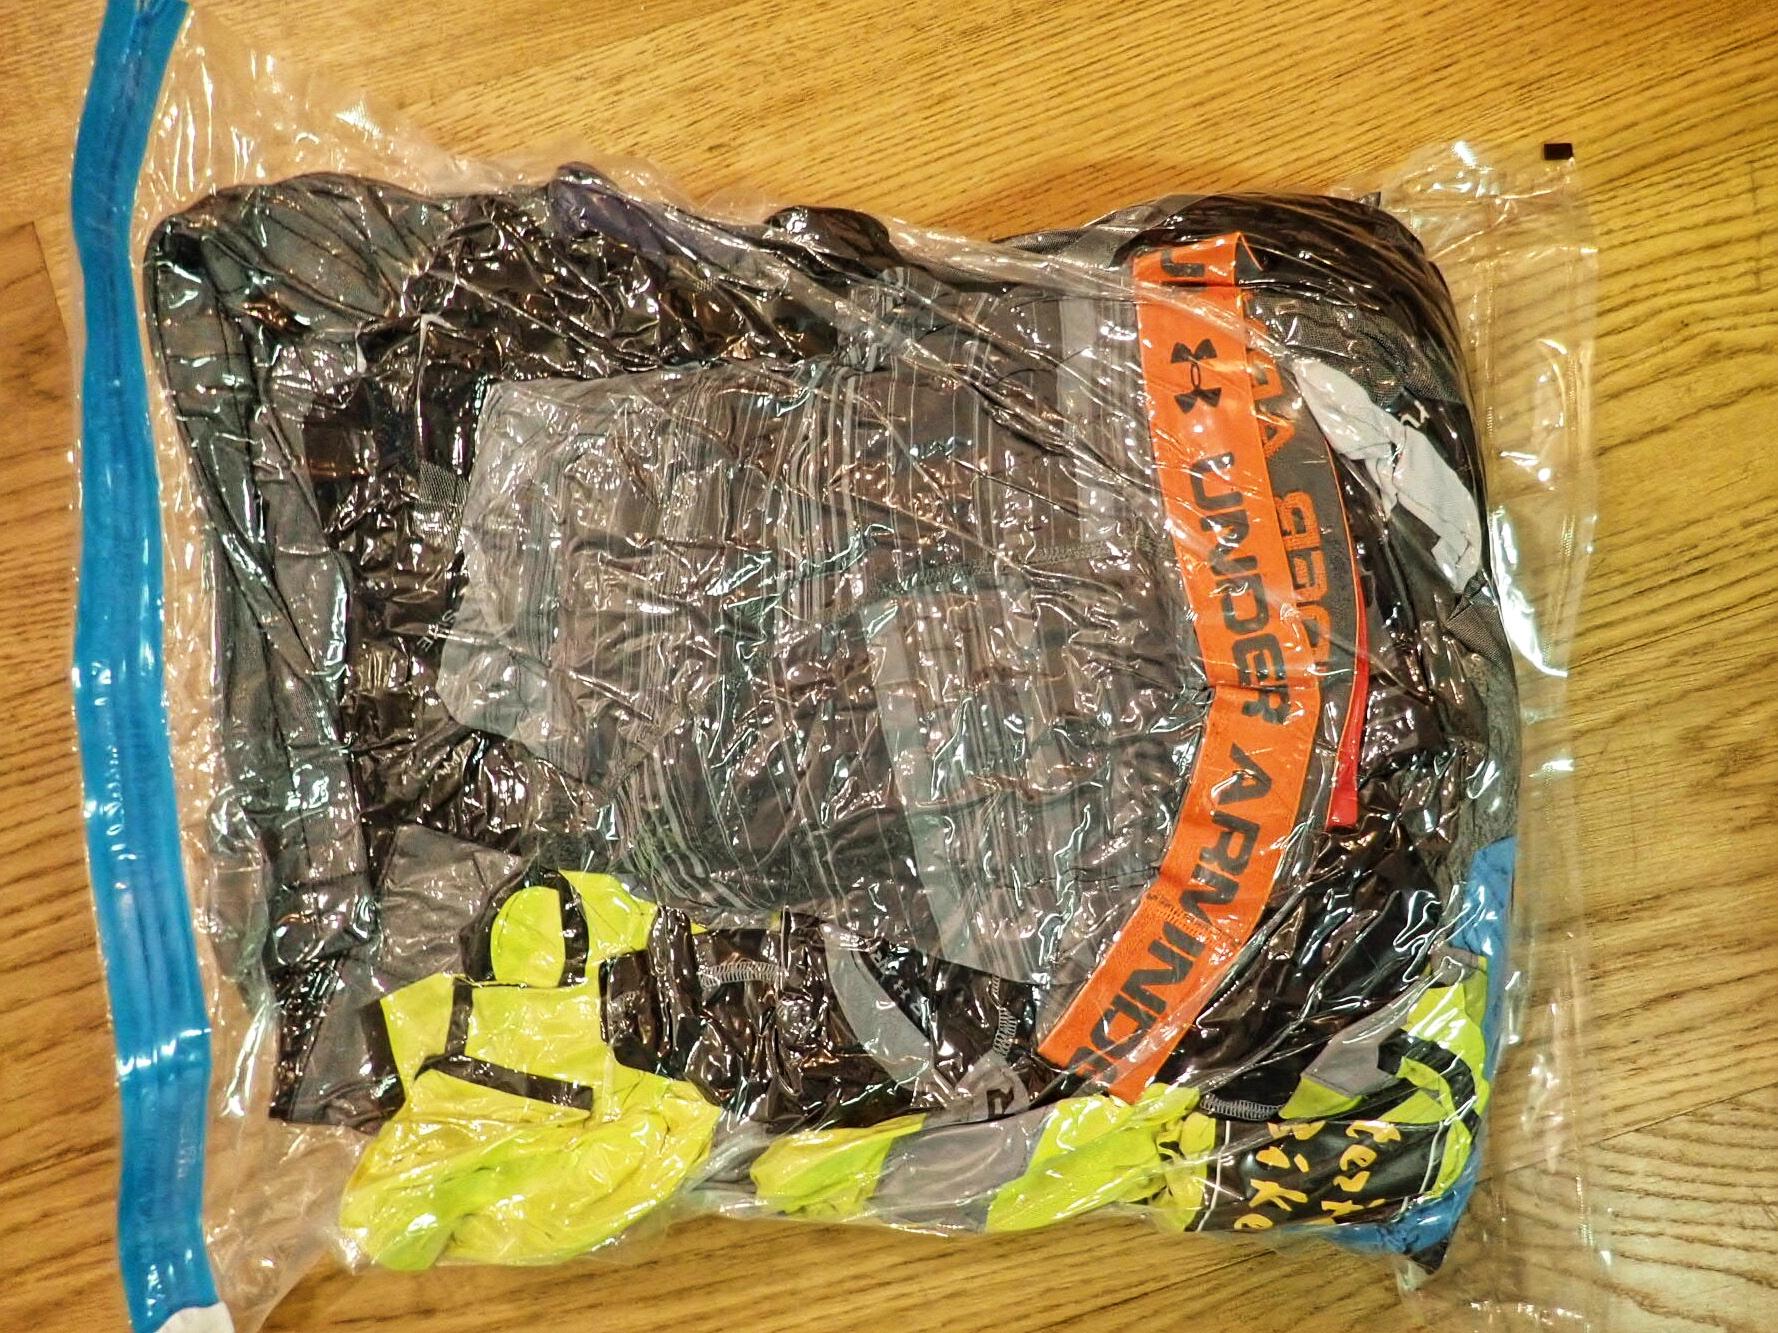 Uudelleensuljettavat vakuumipussit Clas Ohlsonista ovat minun suositus. Turhat ilmat pois matkan ajaksi ja matkan aikana voit käyttää vaikka pyykkipussina.